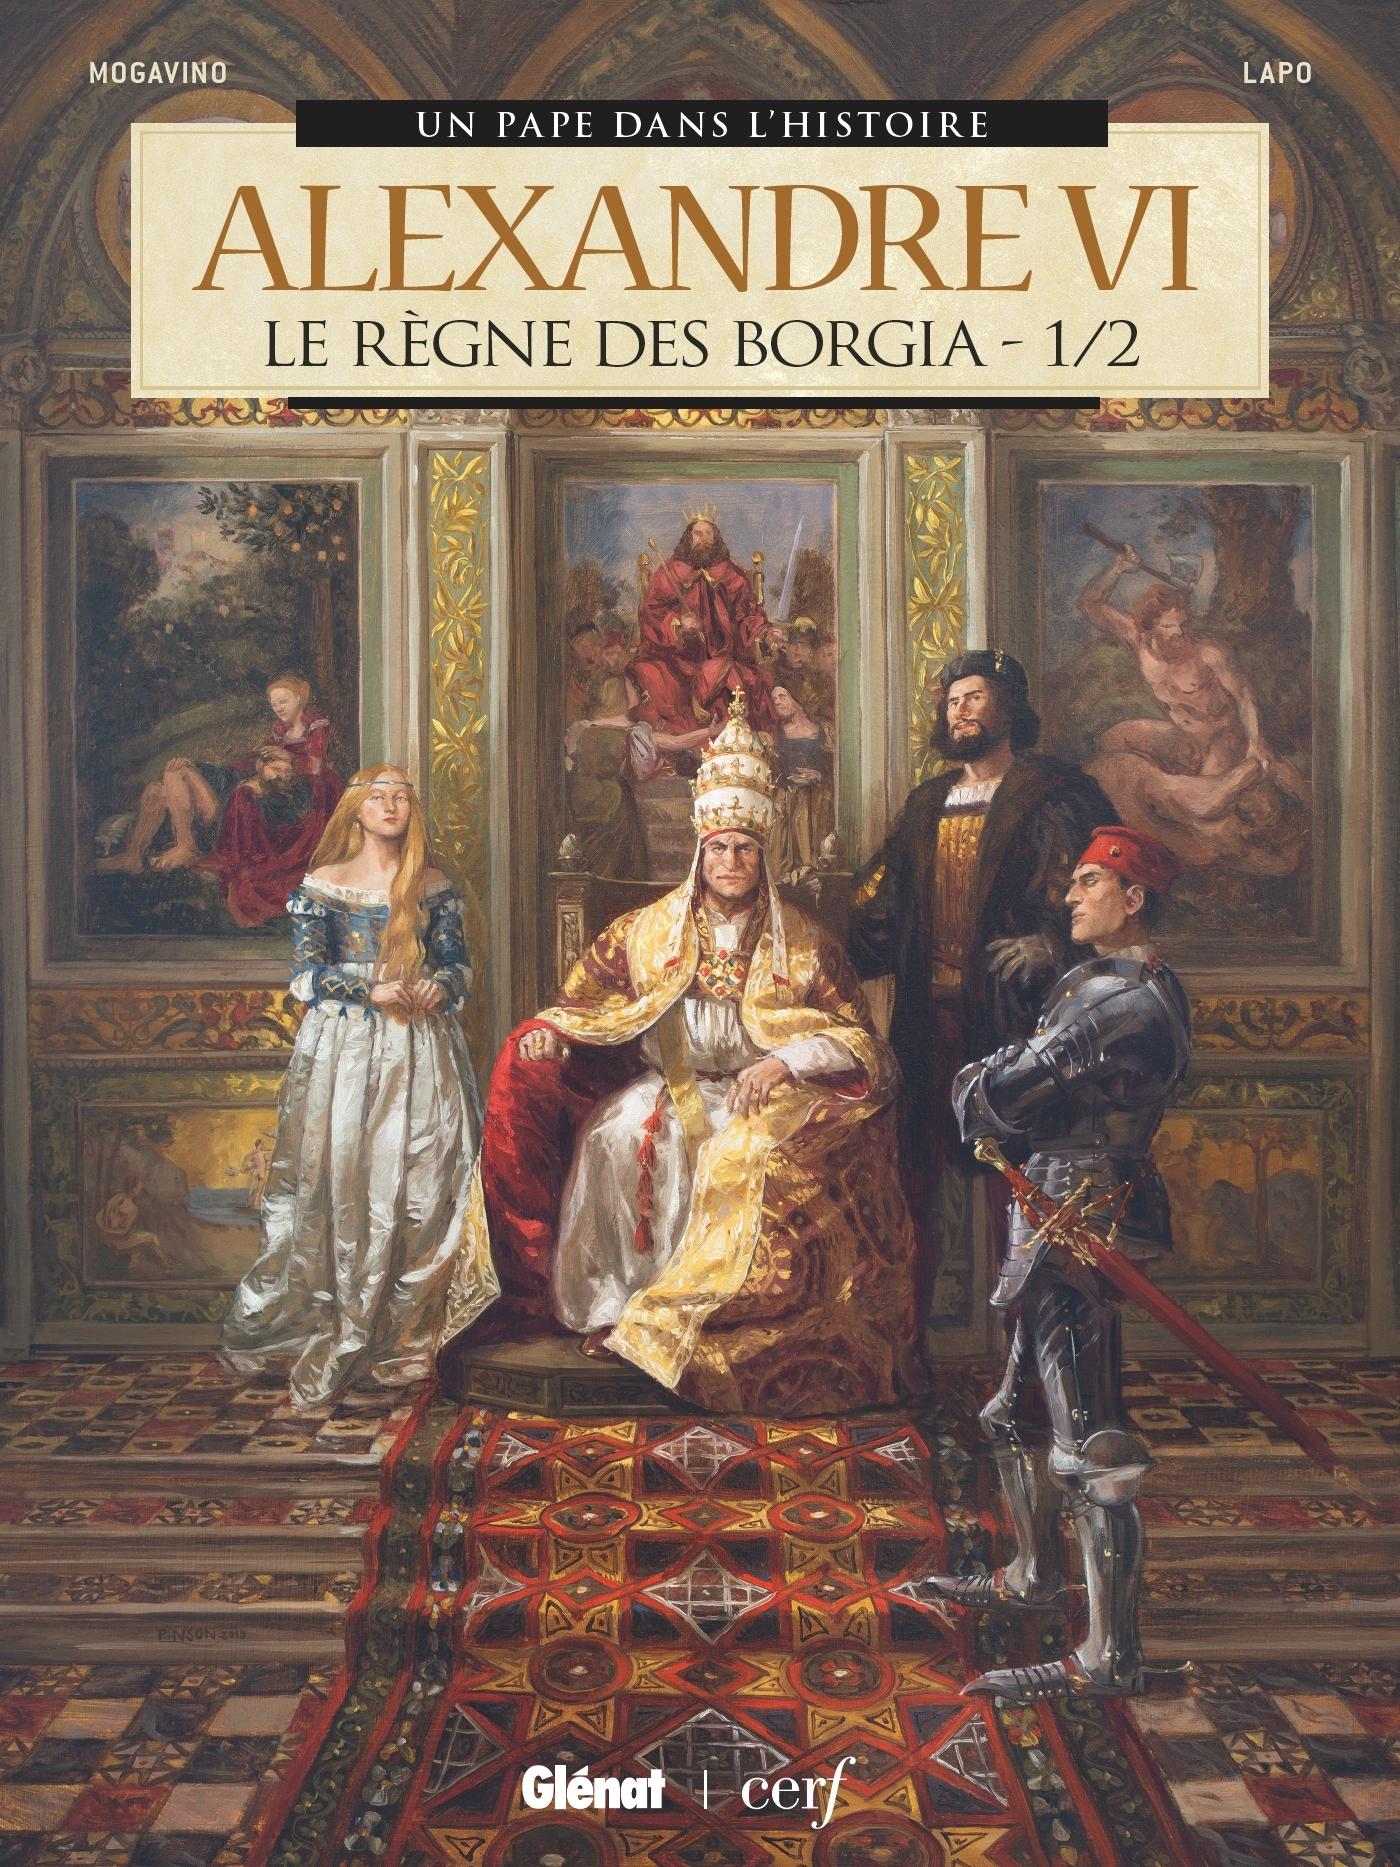 ALEXANDRE VI - TOME 01 - LE REGNE DES BORGIA 1/2